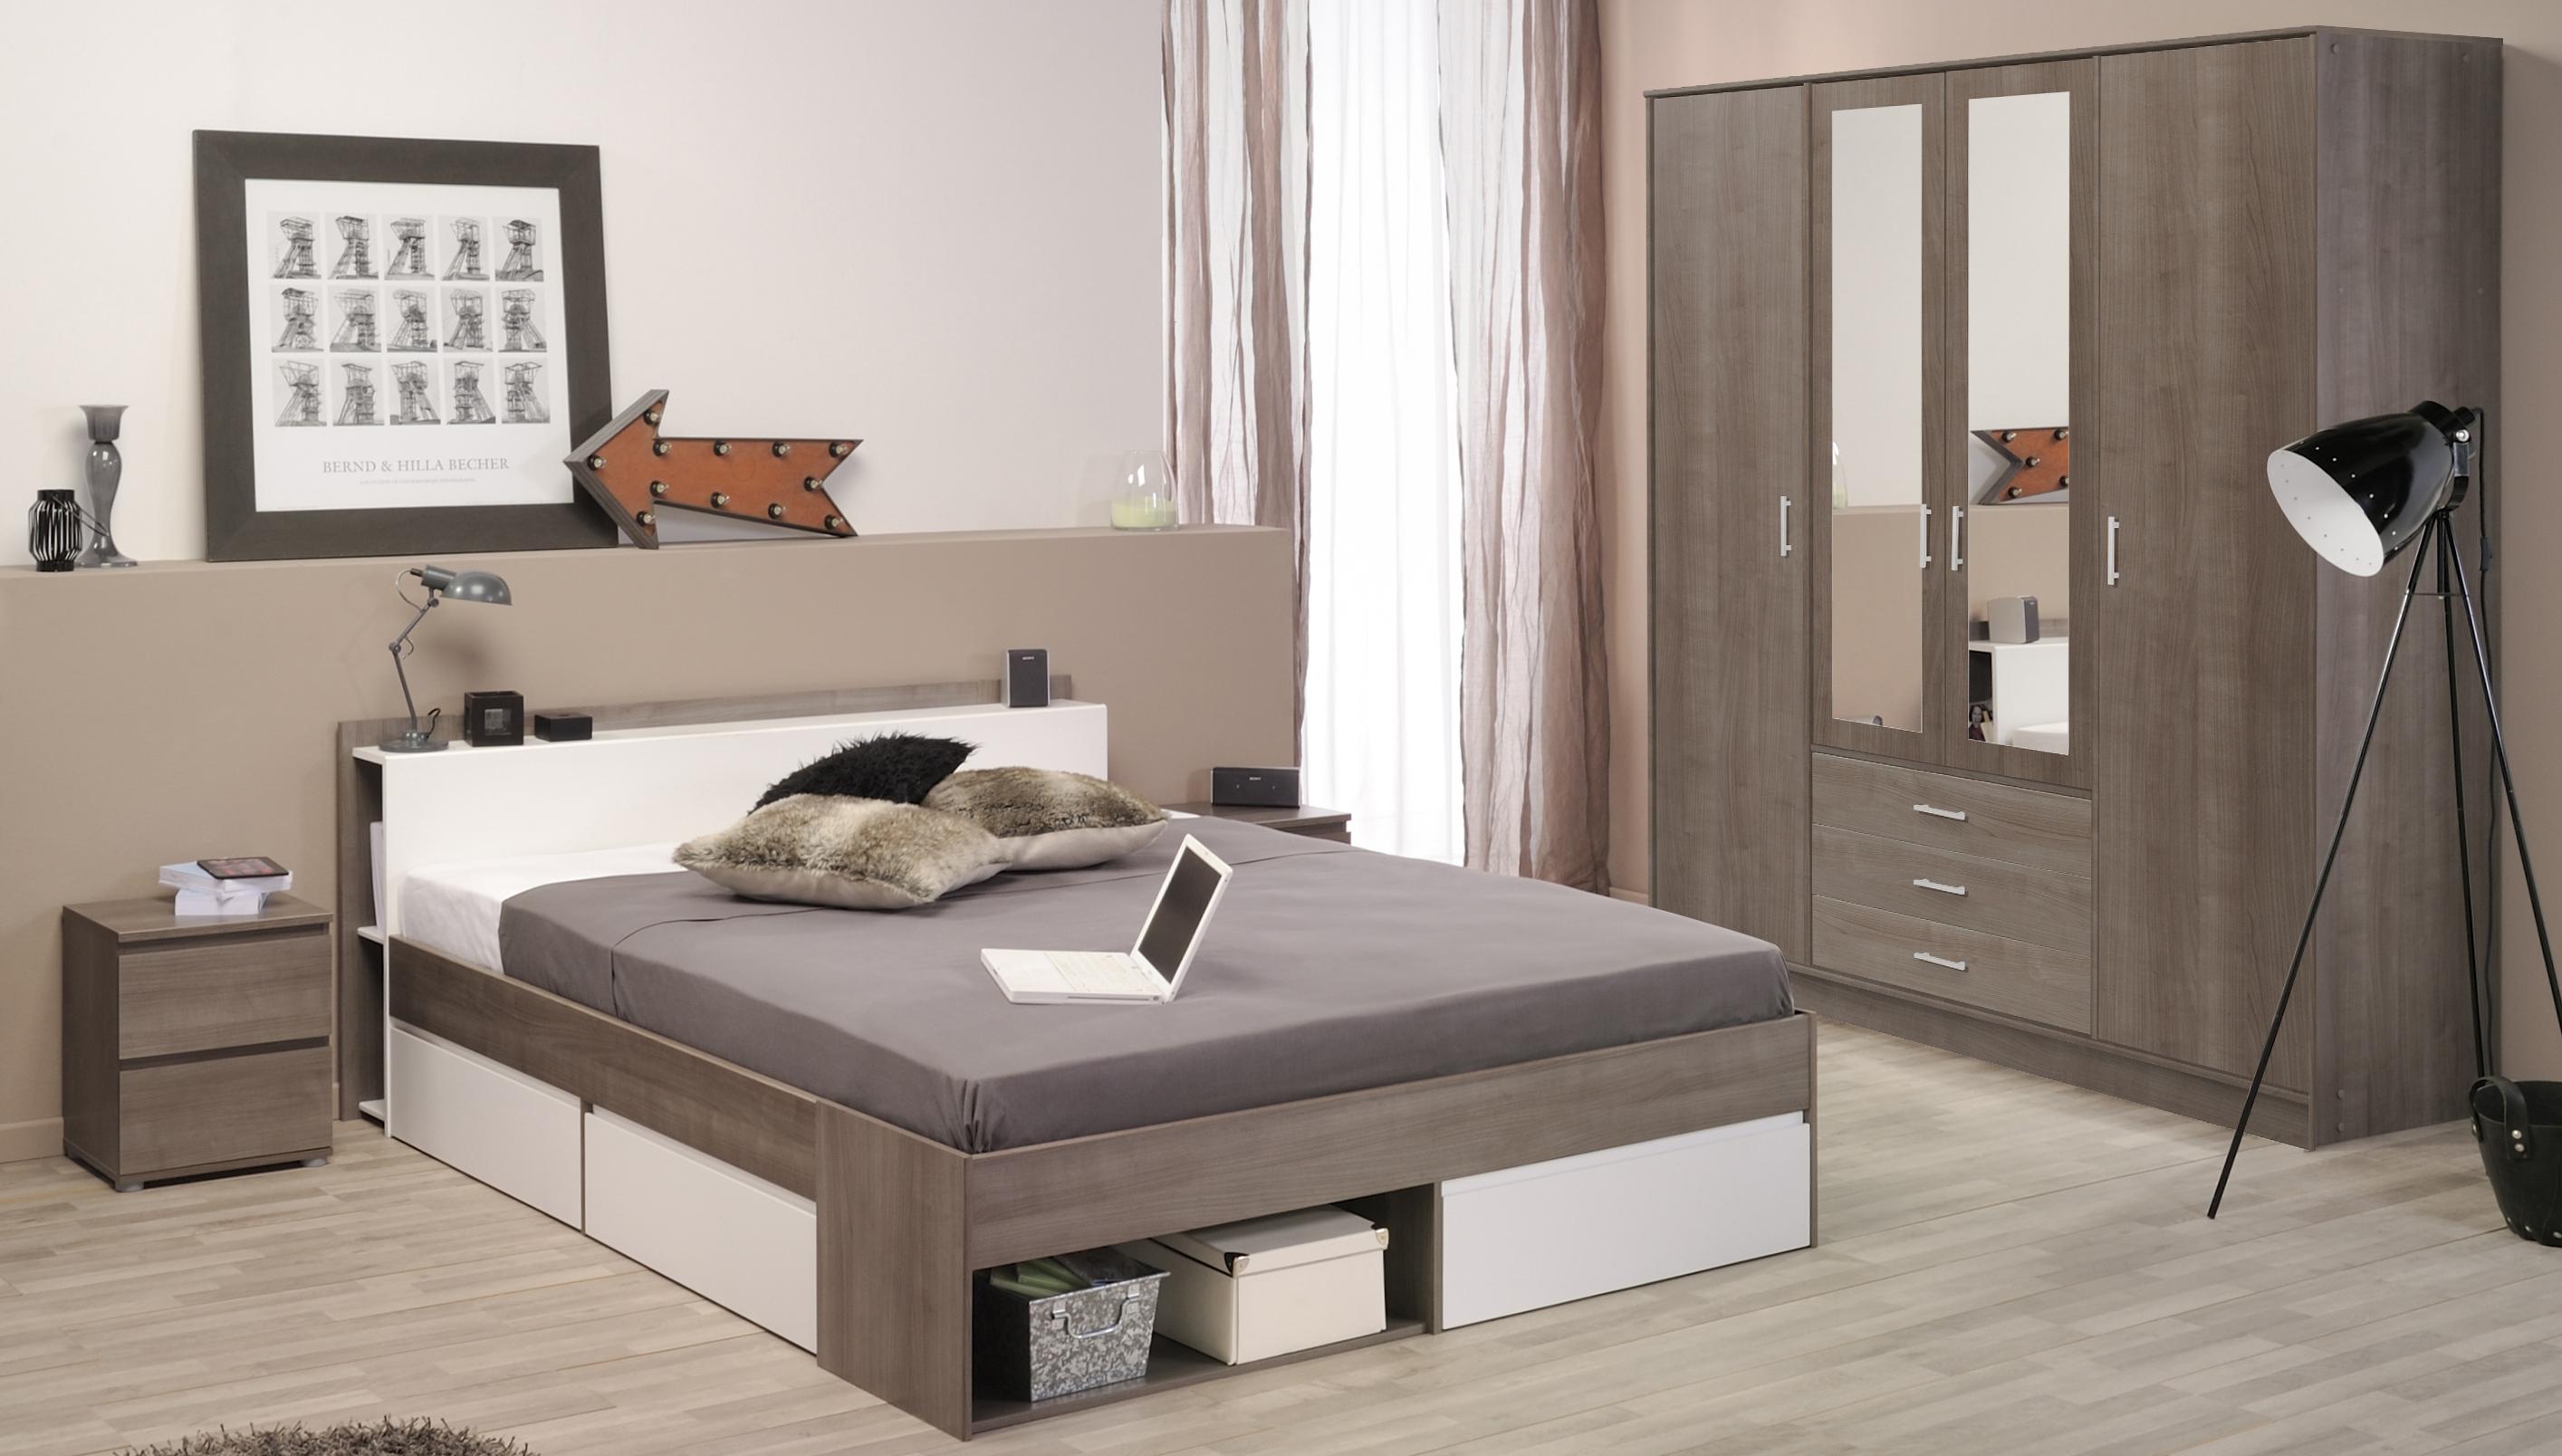 Schlafzimmer 4-tlg. inkl 140x200 Bett u 4-trg Kleiderderschrank Most 43 von Parisot Eiche Silber / Weiß